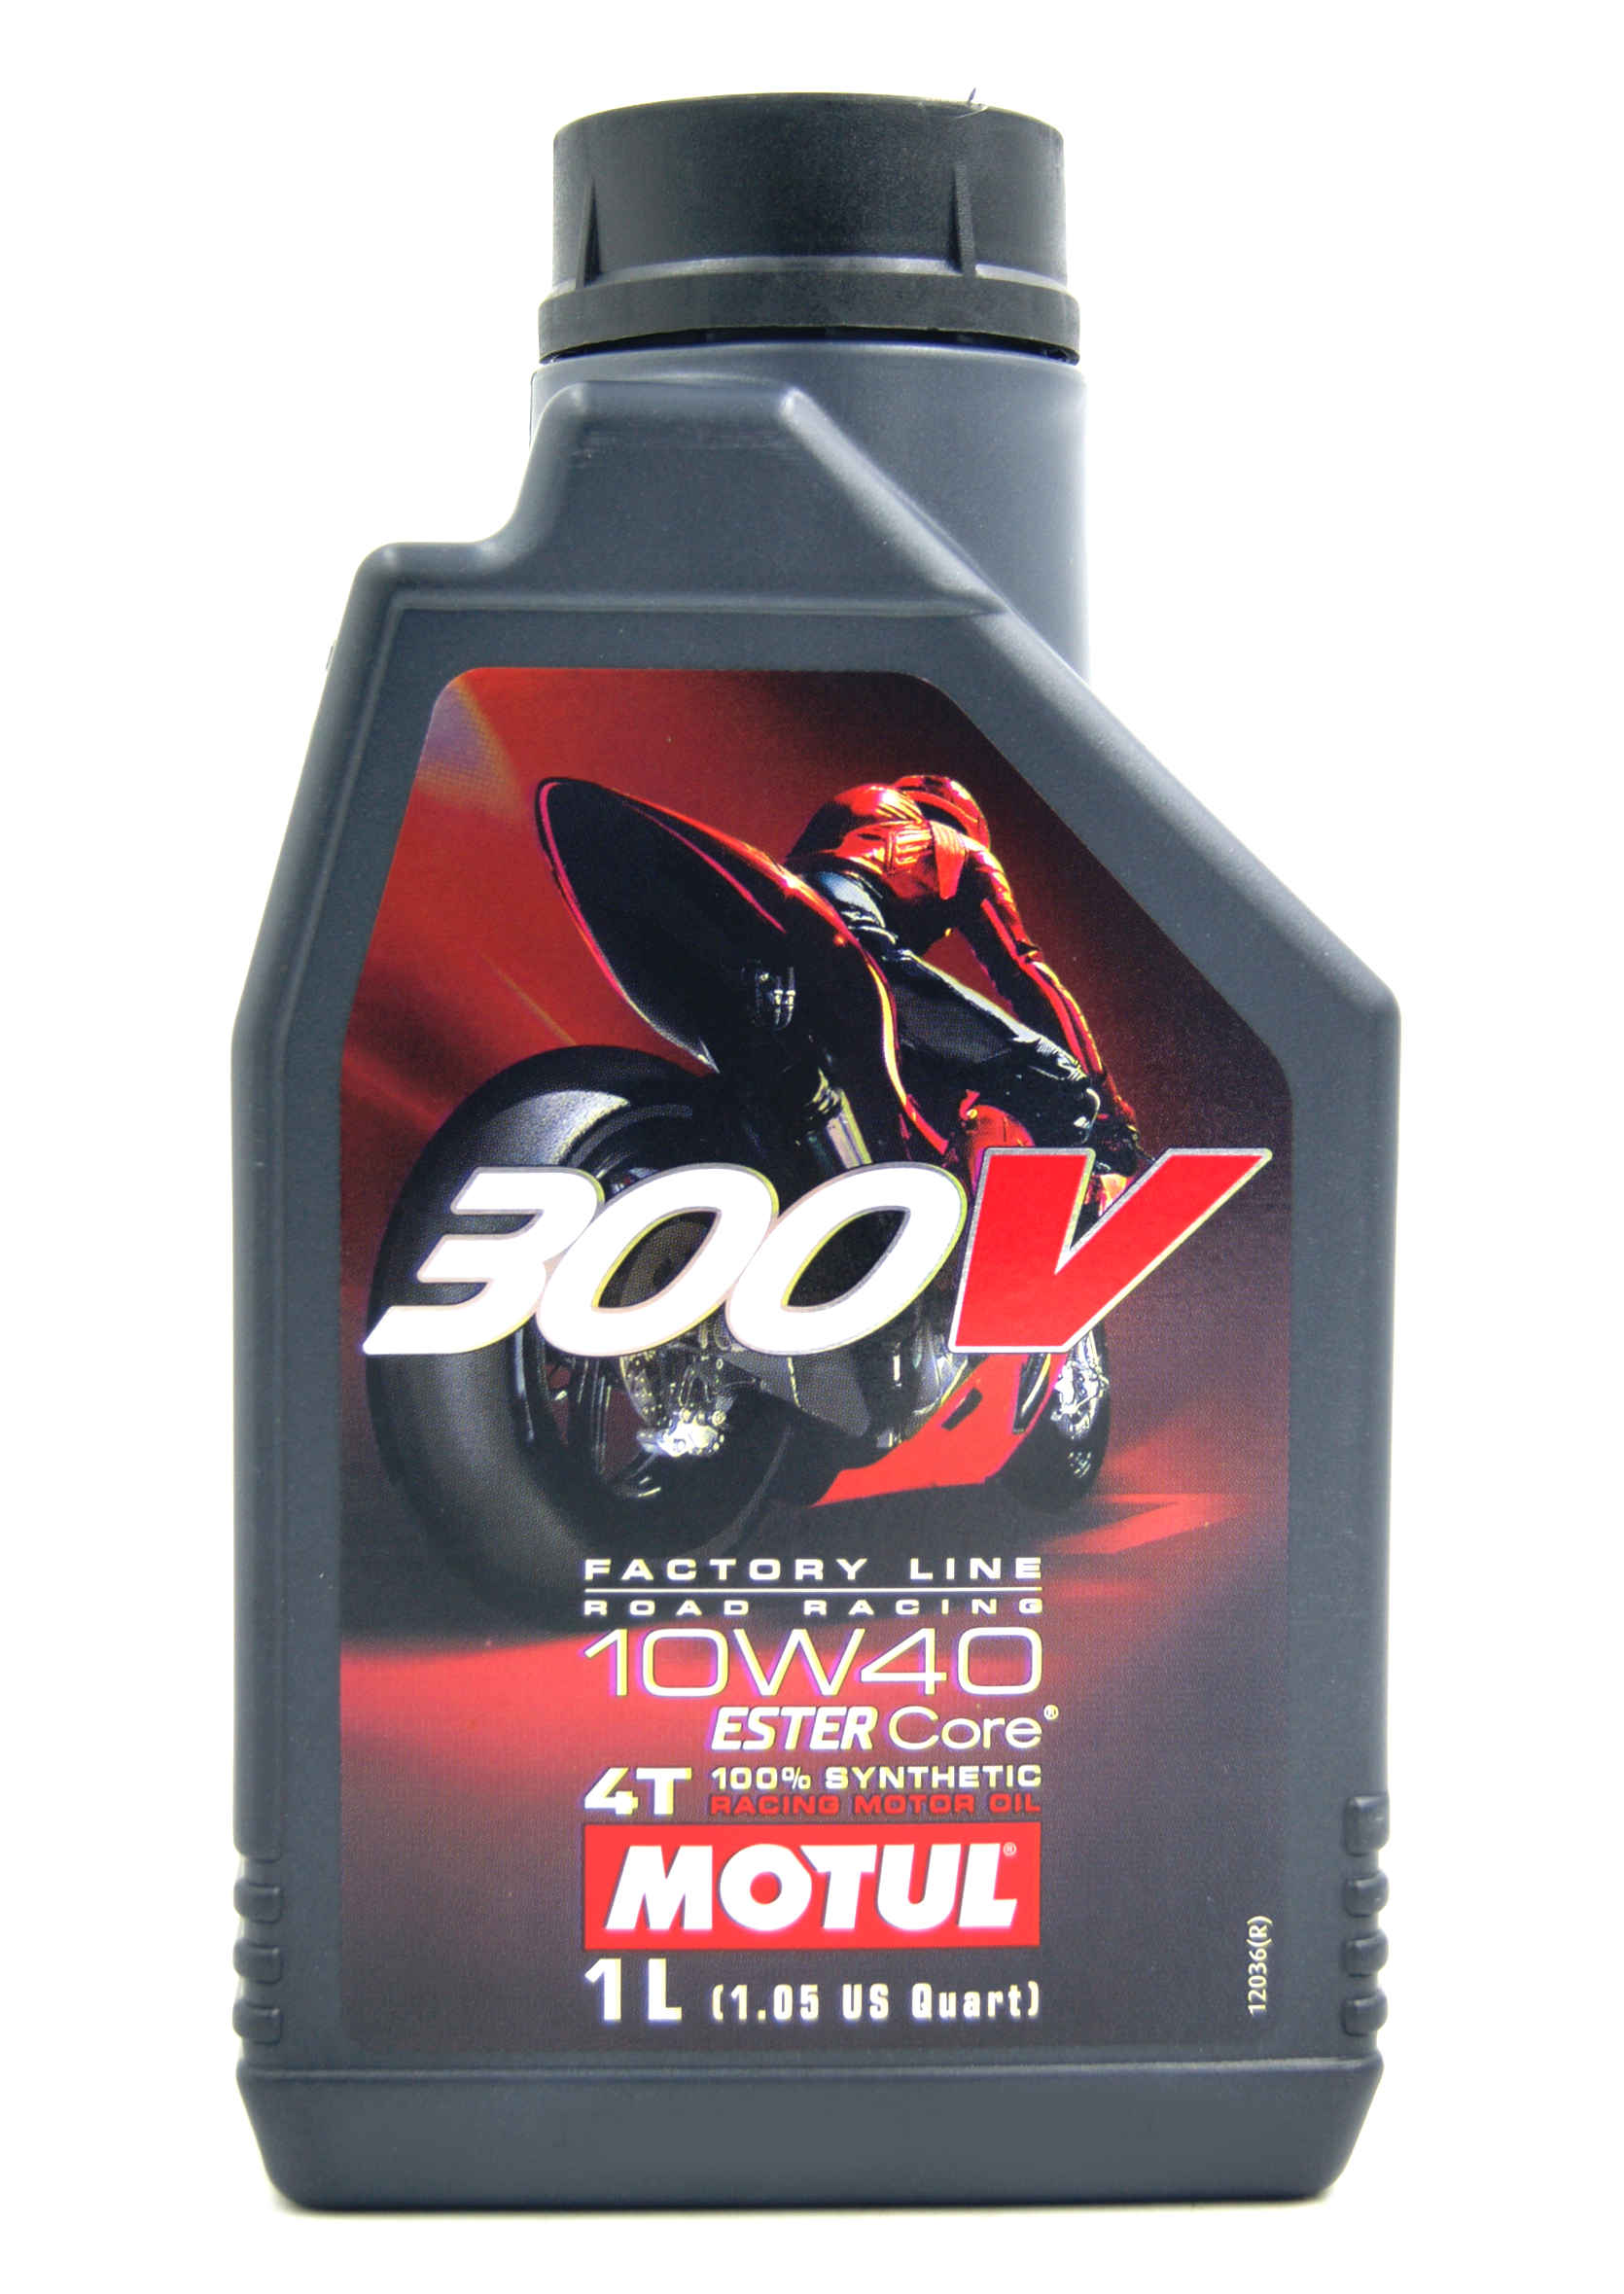 Motul 300V Factory Line Road Racing 4T 10W40 1L Olej Silnikowy Syntetyczny Motocyklowy